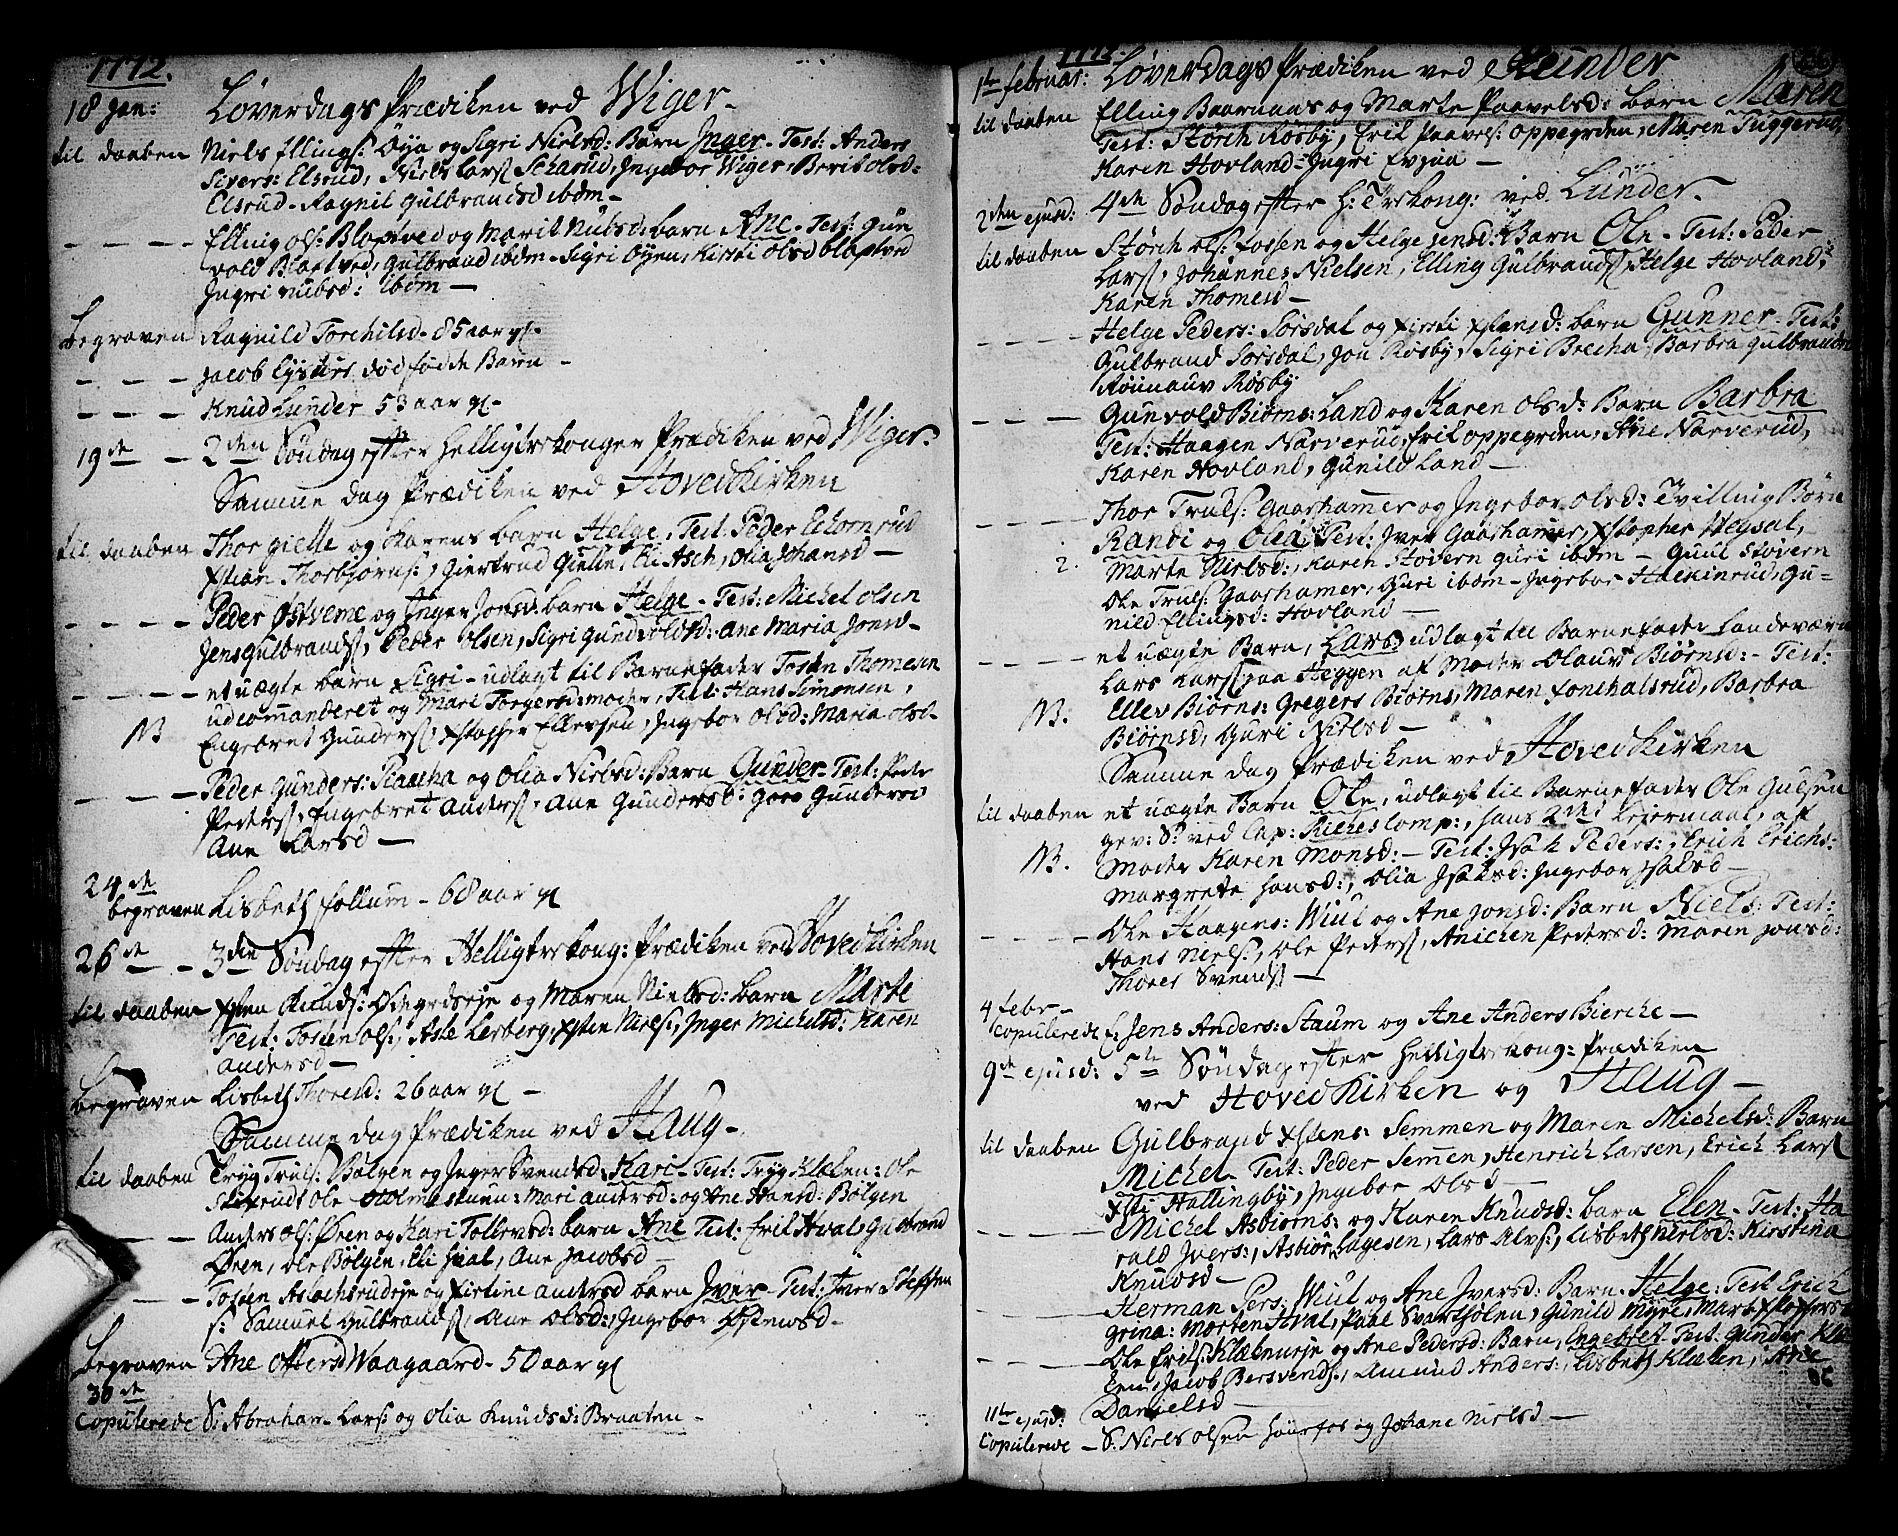 SAKO, Norderhov kirkebøker, F/Fa/L0004: Ministerialbok nr. 4, 1758-1774, s. 236